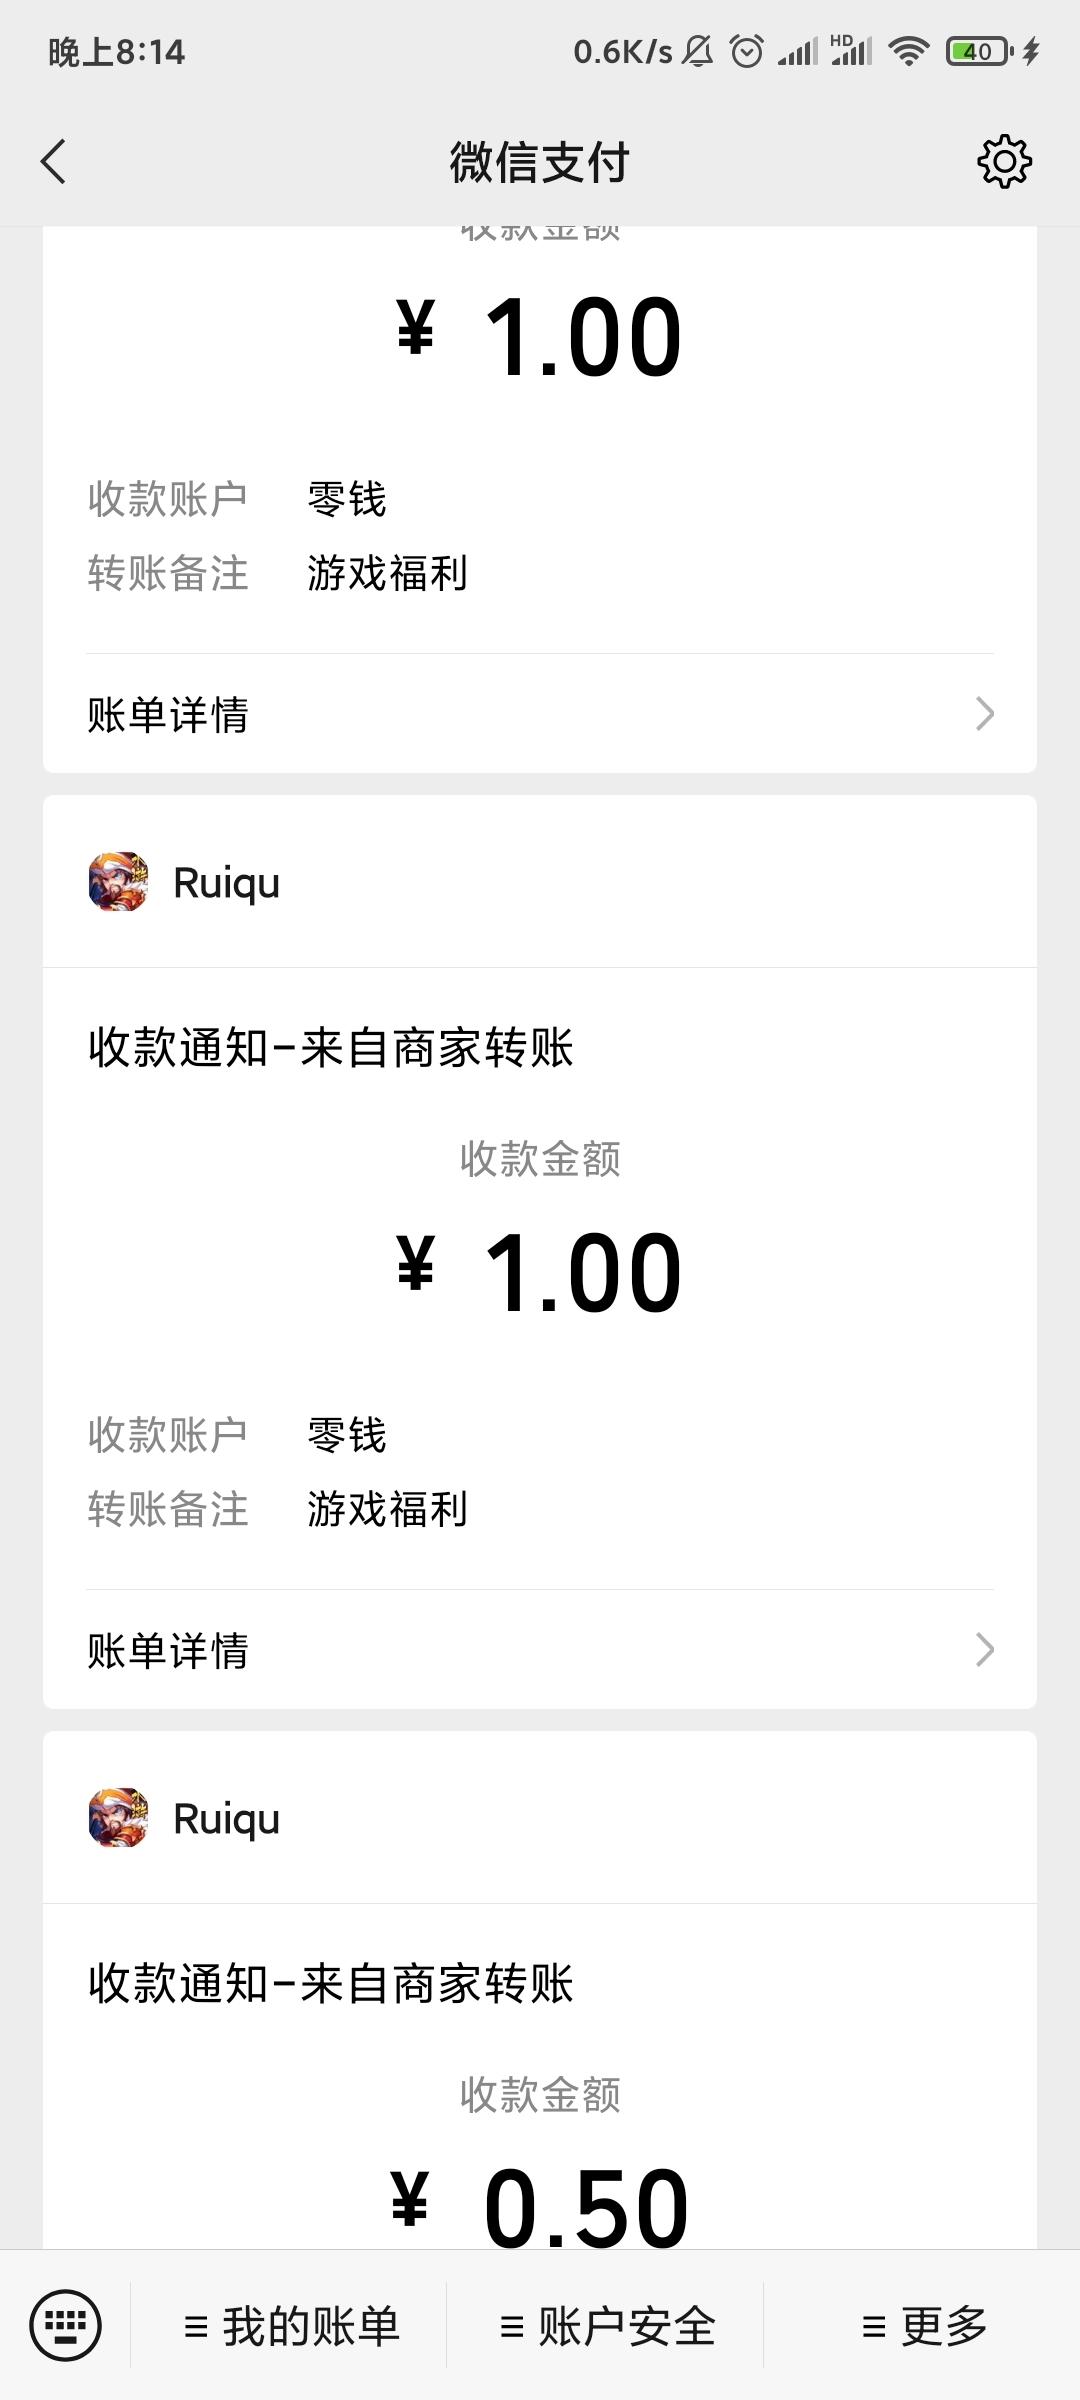 汉字大英雄免费撸微信红包